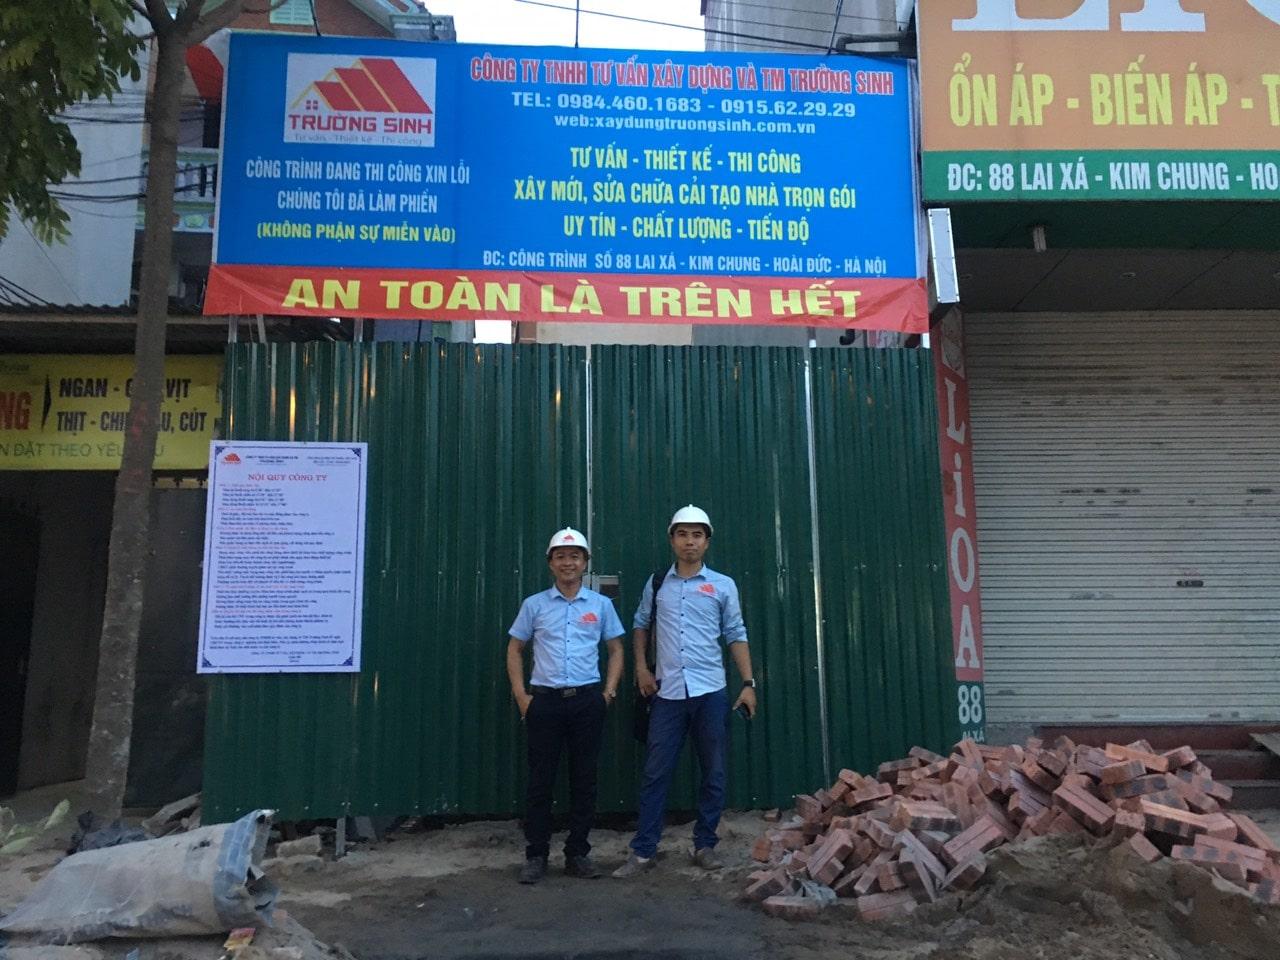 Sửa nhà trọn gói tại Hà Nội, kinh nghiệm xương máu sửa chữa cải tạo nhà ở